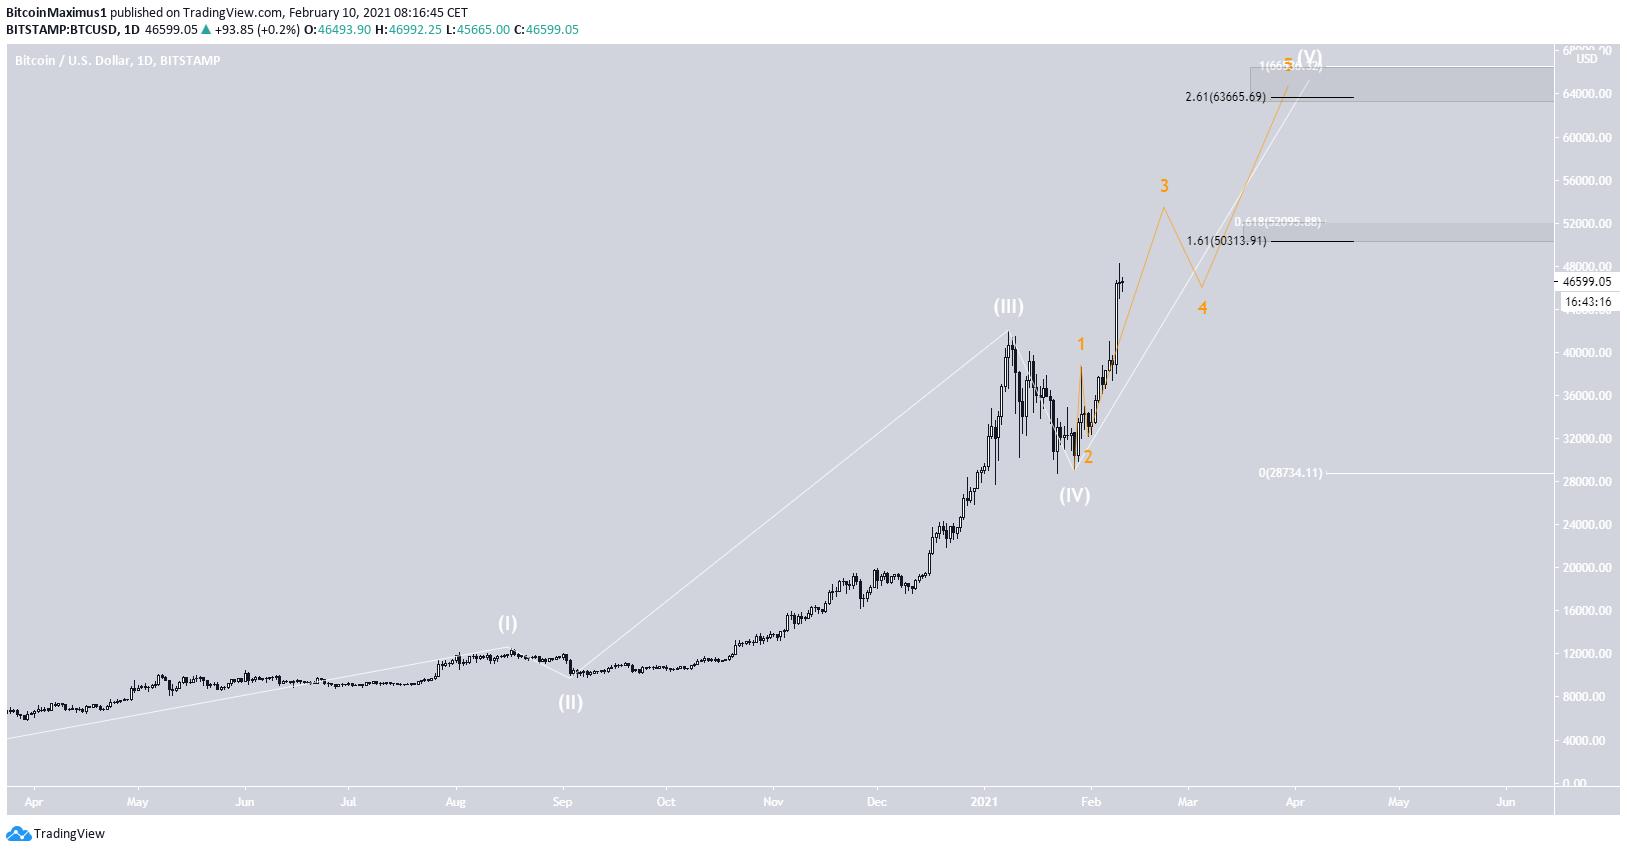 BTC Long-Term Wave Count